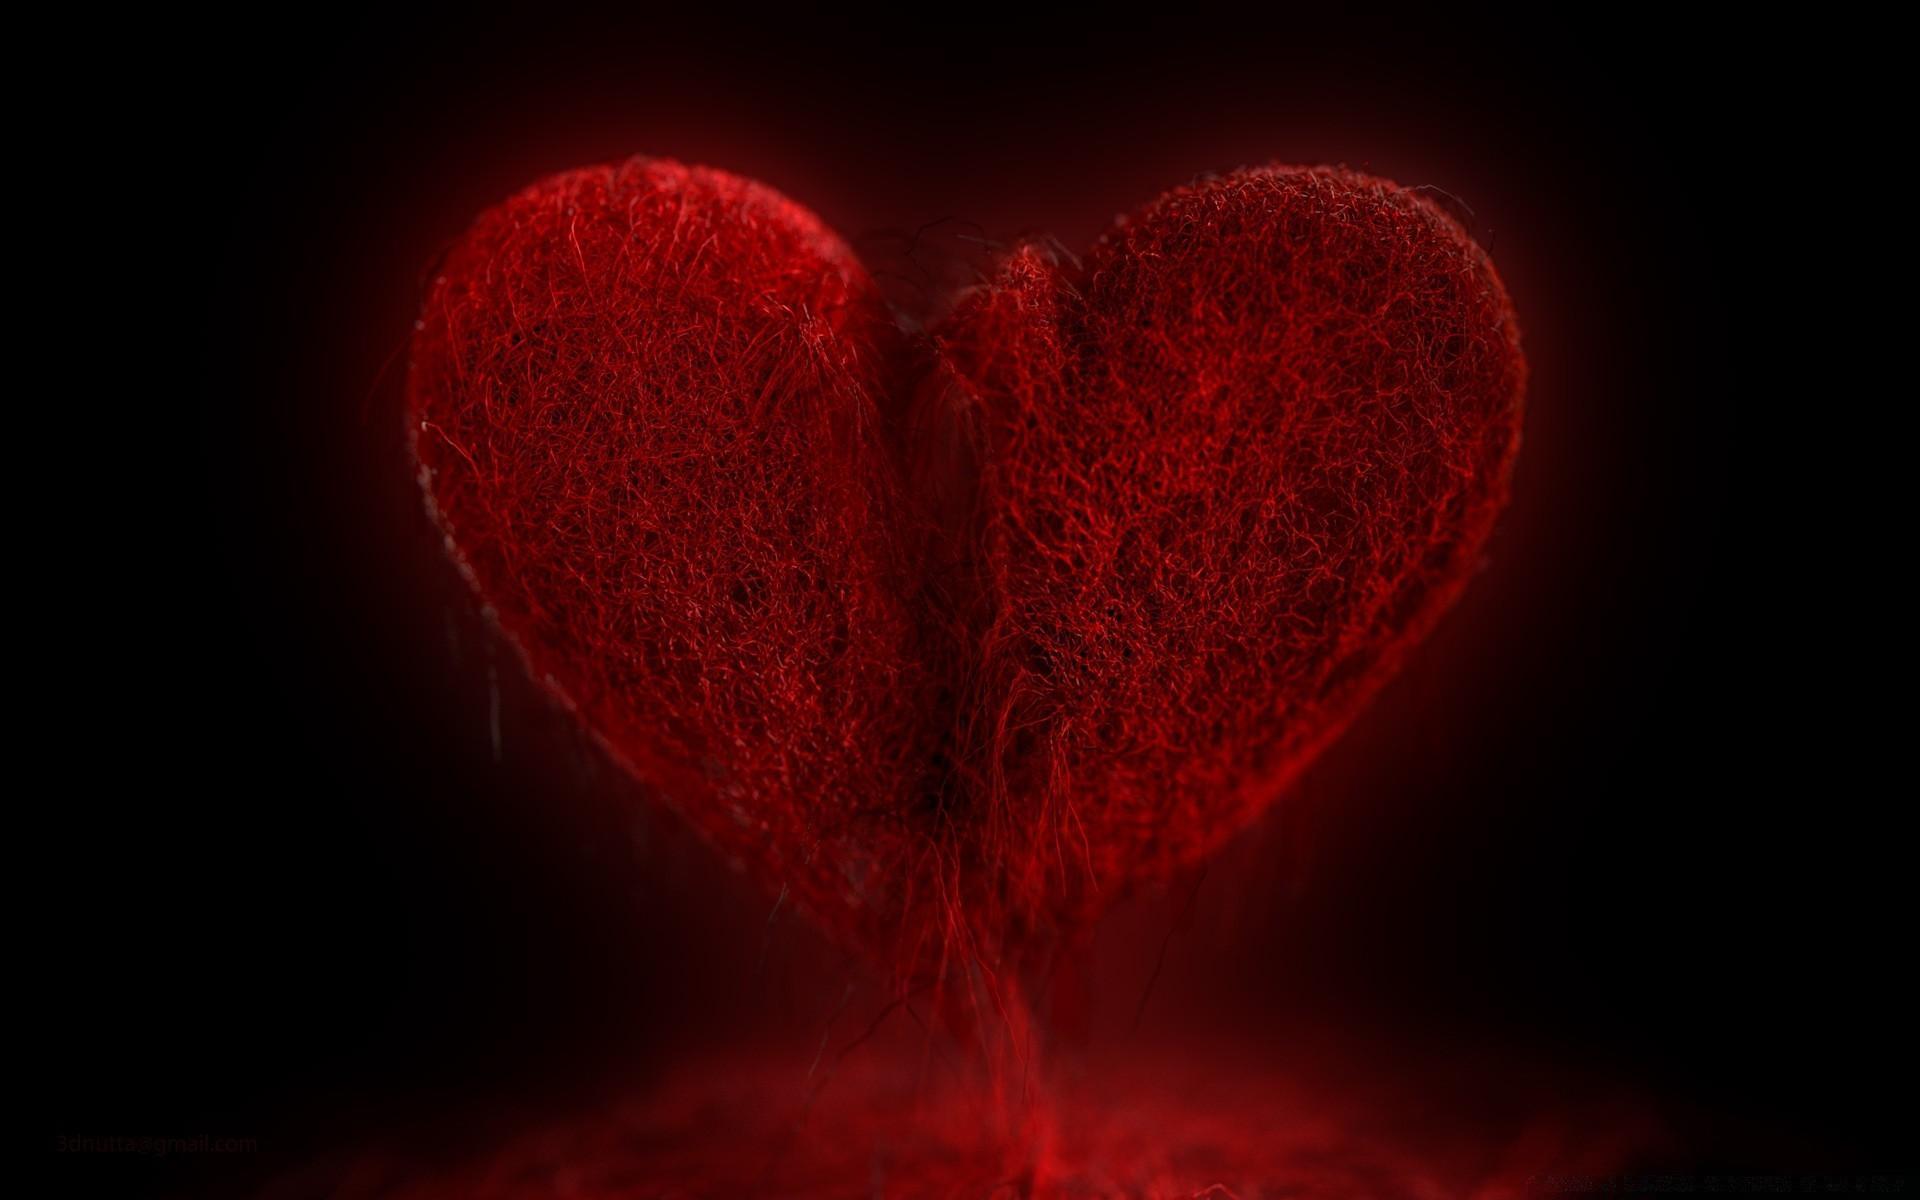 Broken Heart Valentines Day Wallpapers - Wallpaper Cave